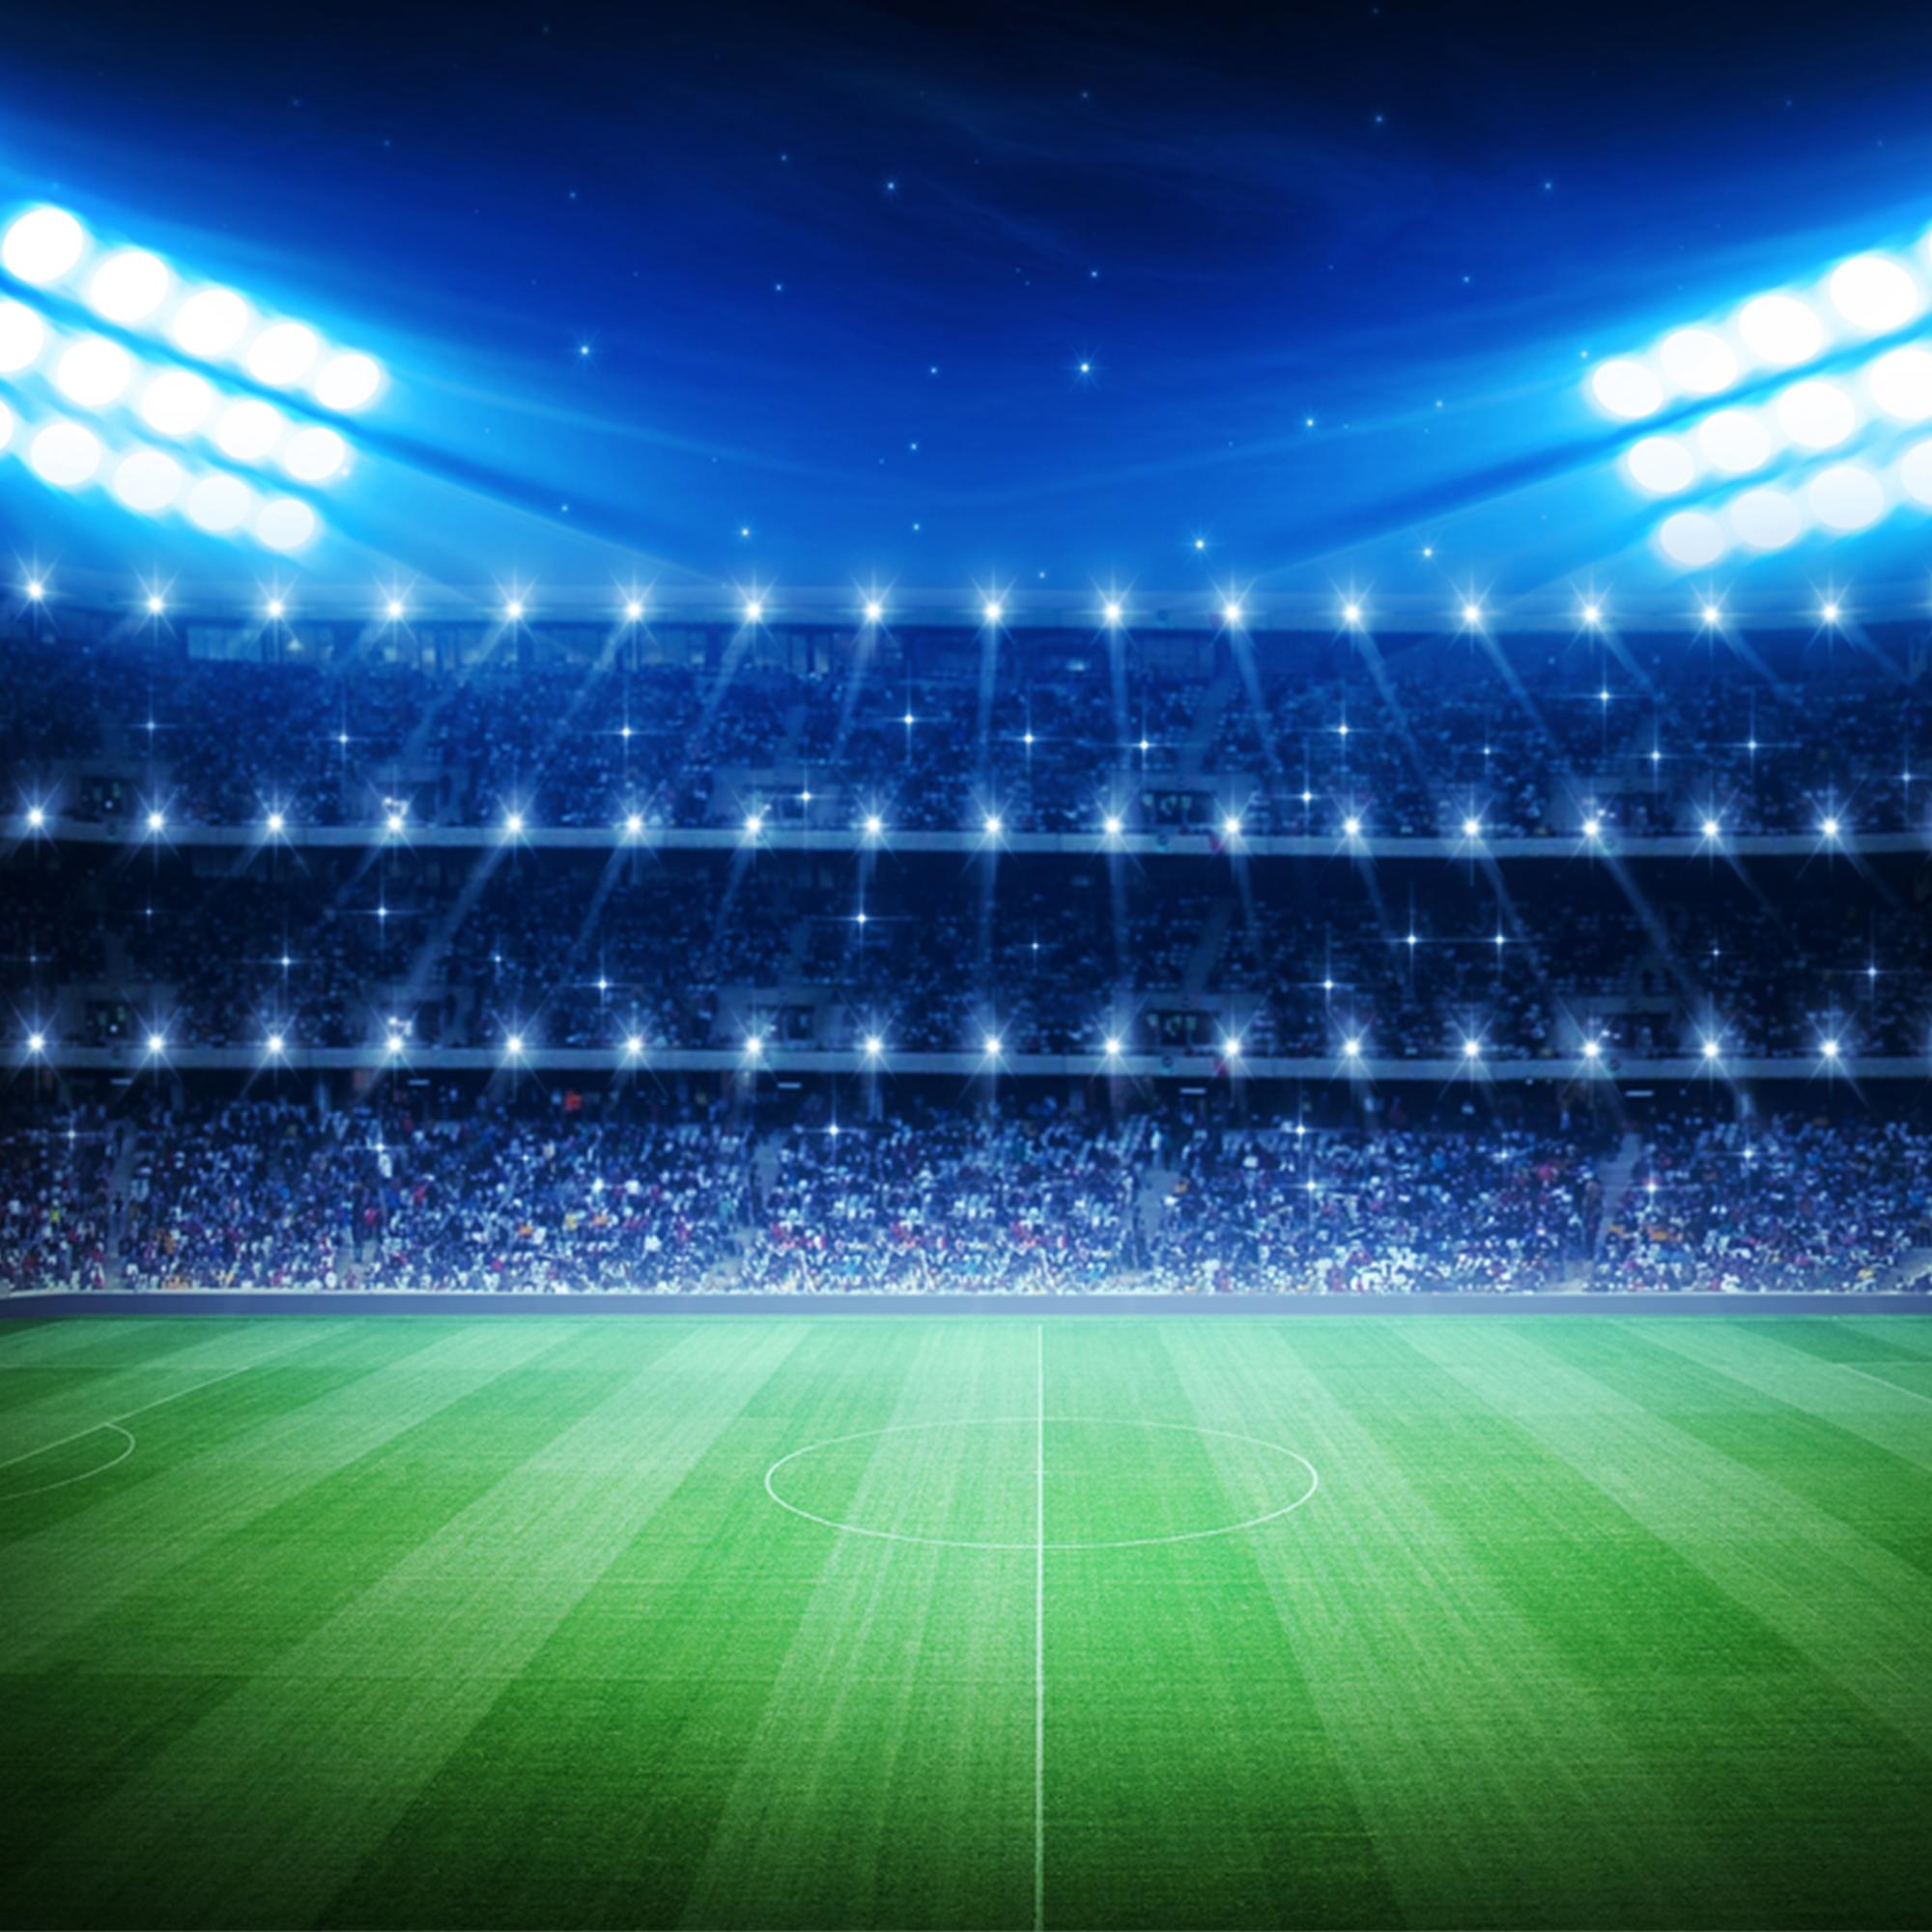 레이저,광학 장치,장치,디자인,배경, 빛, 배경, 그래픽 무료 다운로드를위한 배경 이미지